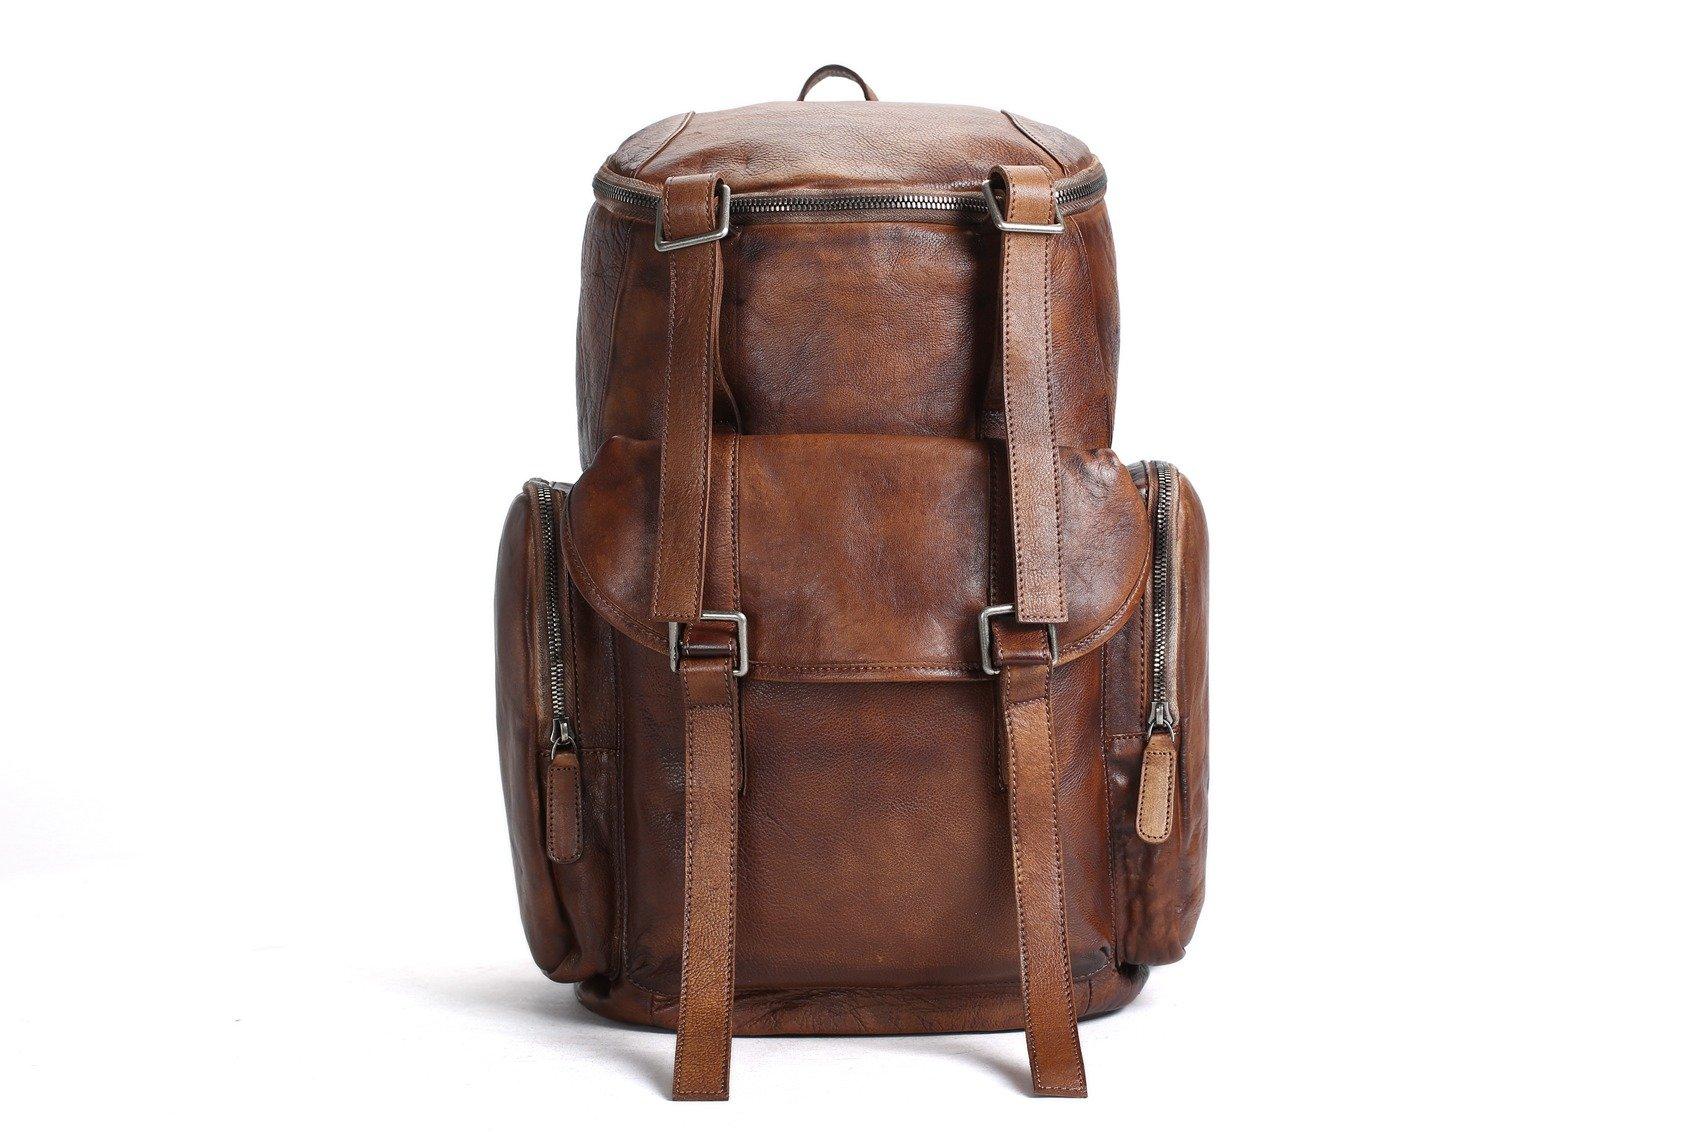 MoshiLeatherBag - Handmade Leather Bag Manufacturer — Oversized Vintage  Leather Backpack